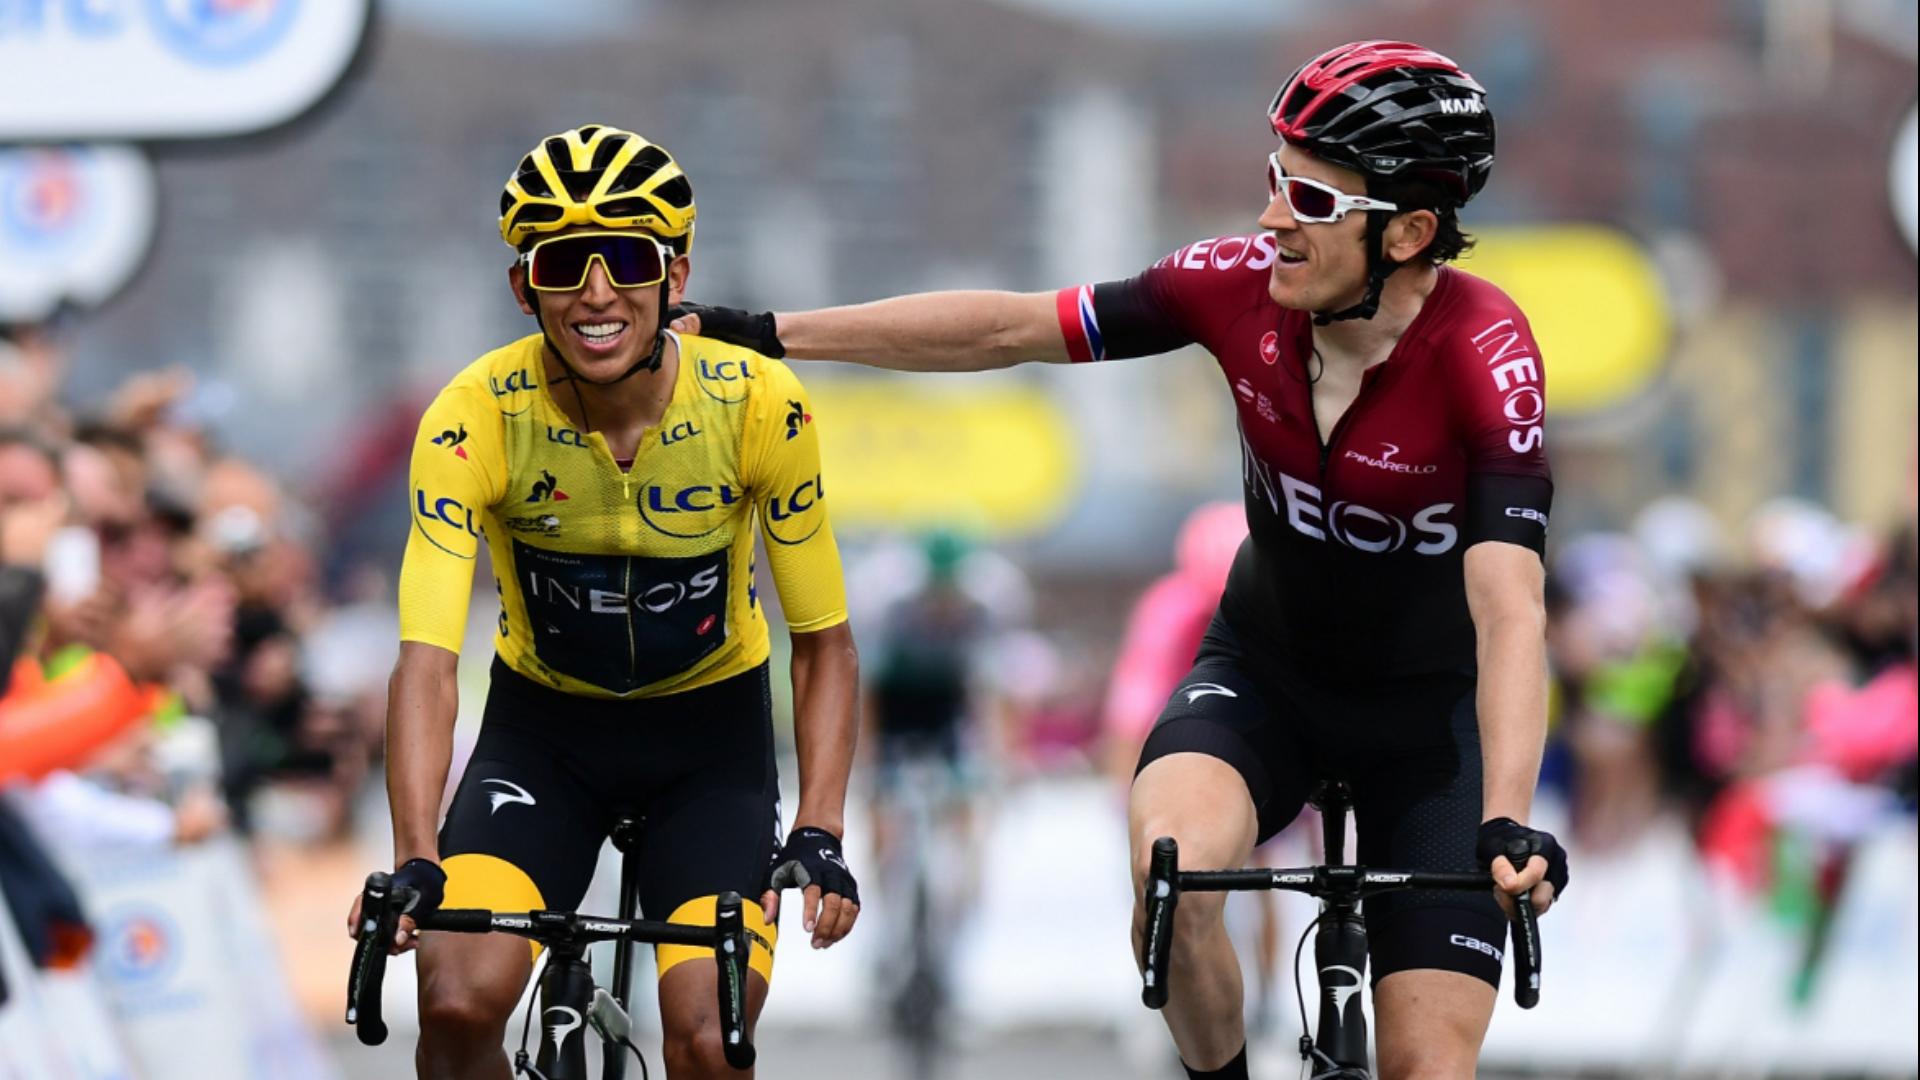 Coronavirus: Tour de France could be viable without crowds, says Mitchelton-Scott boss